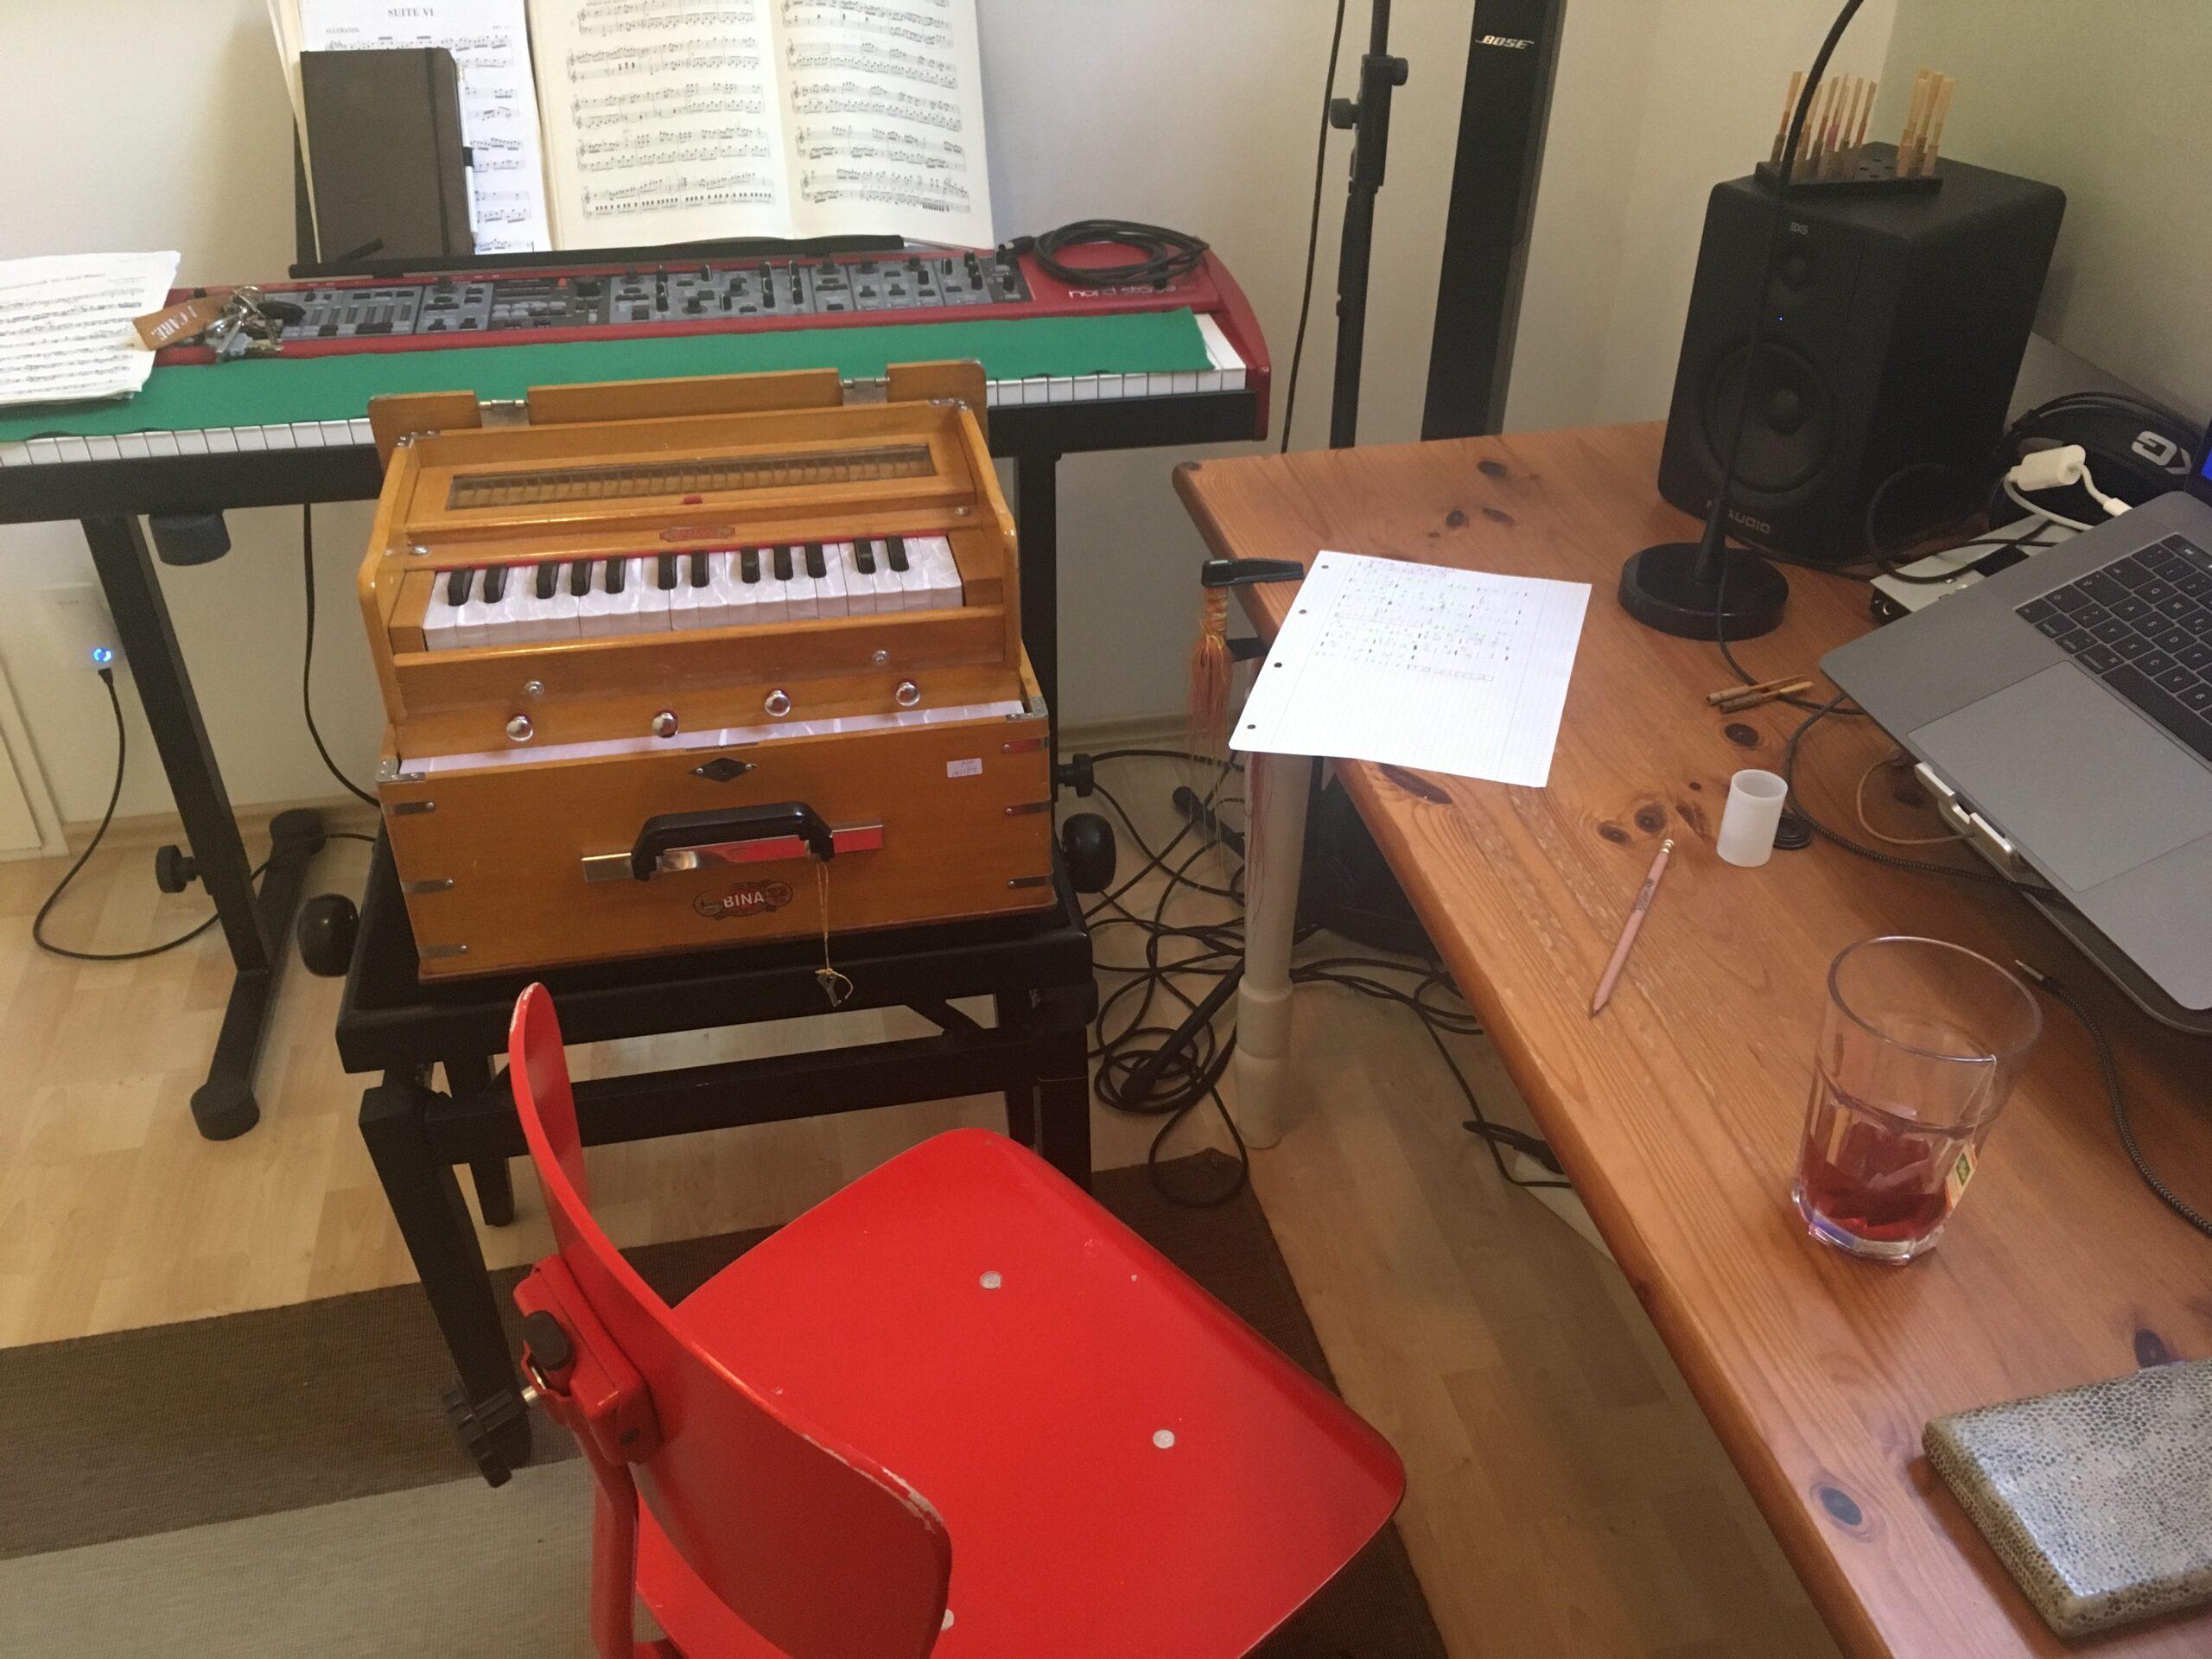 Miriam Hanikas Studio mit Harmonium und Nordstage